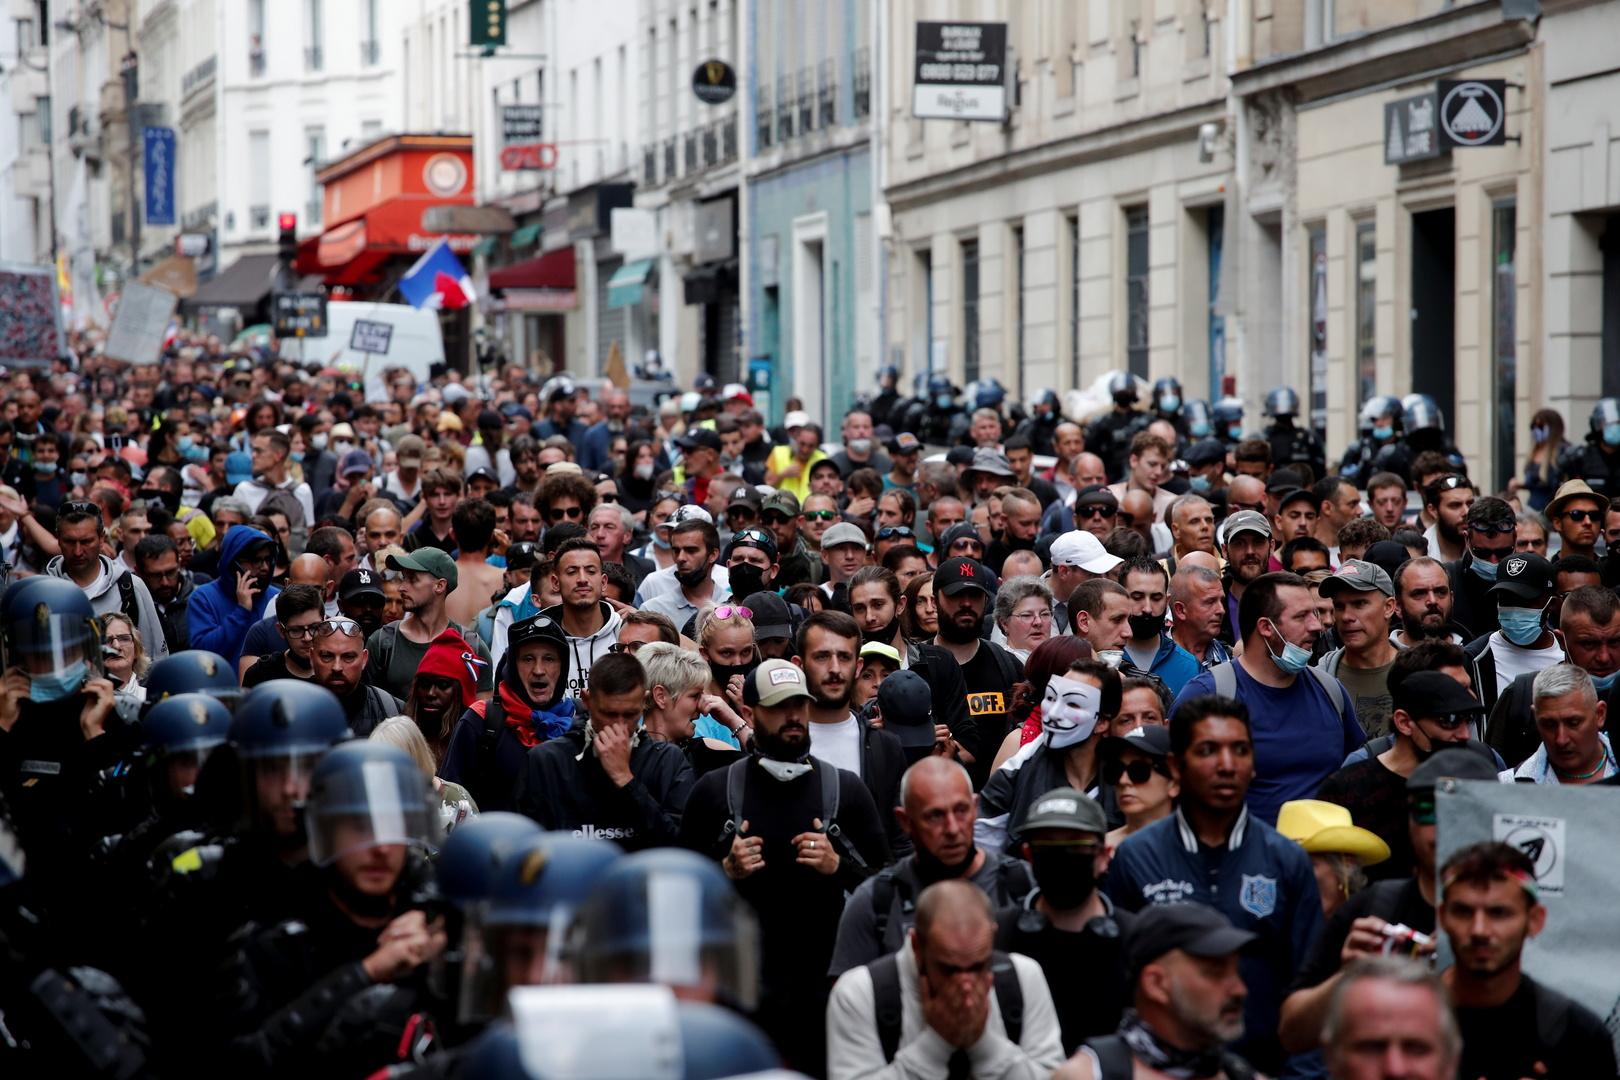 مظاهرات ضد الشهادة الصحية للتطعيم ضد كورونا في باريس